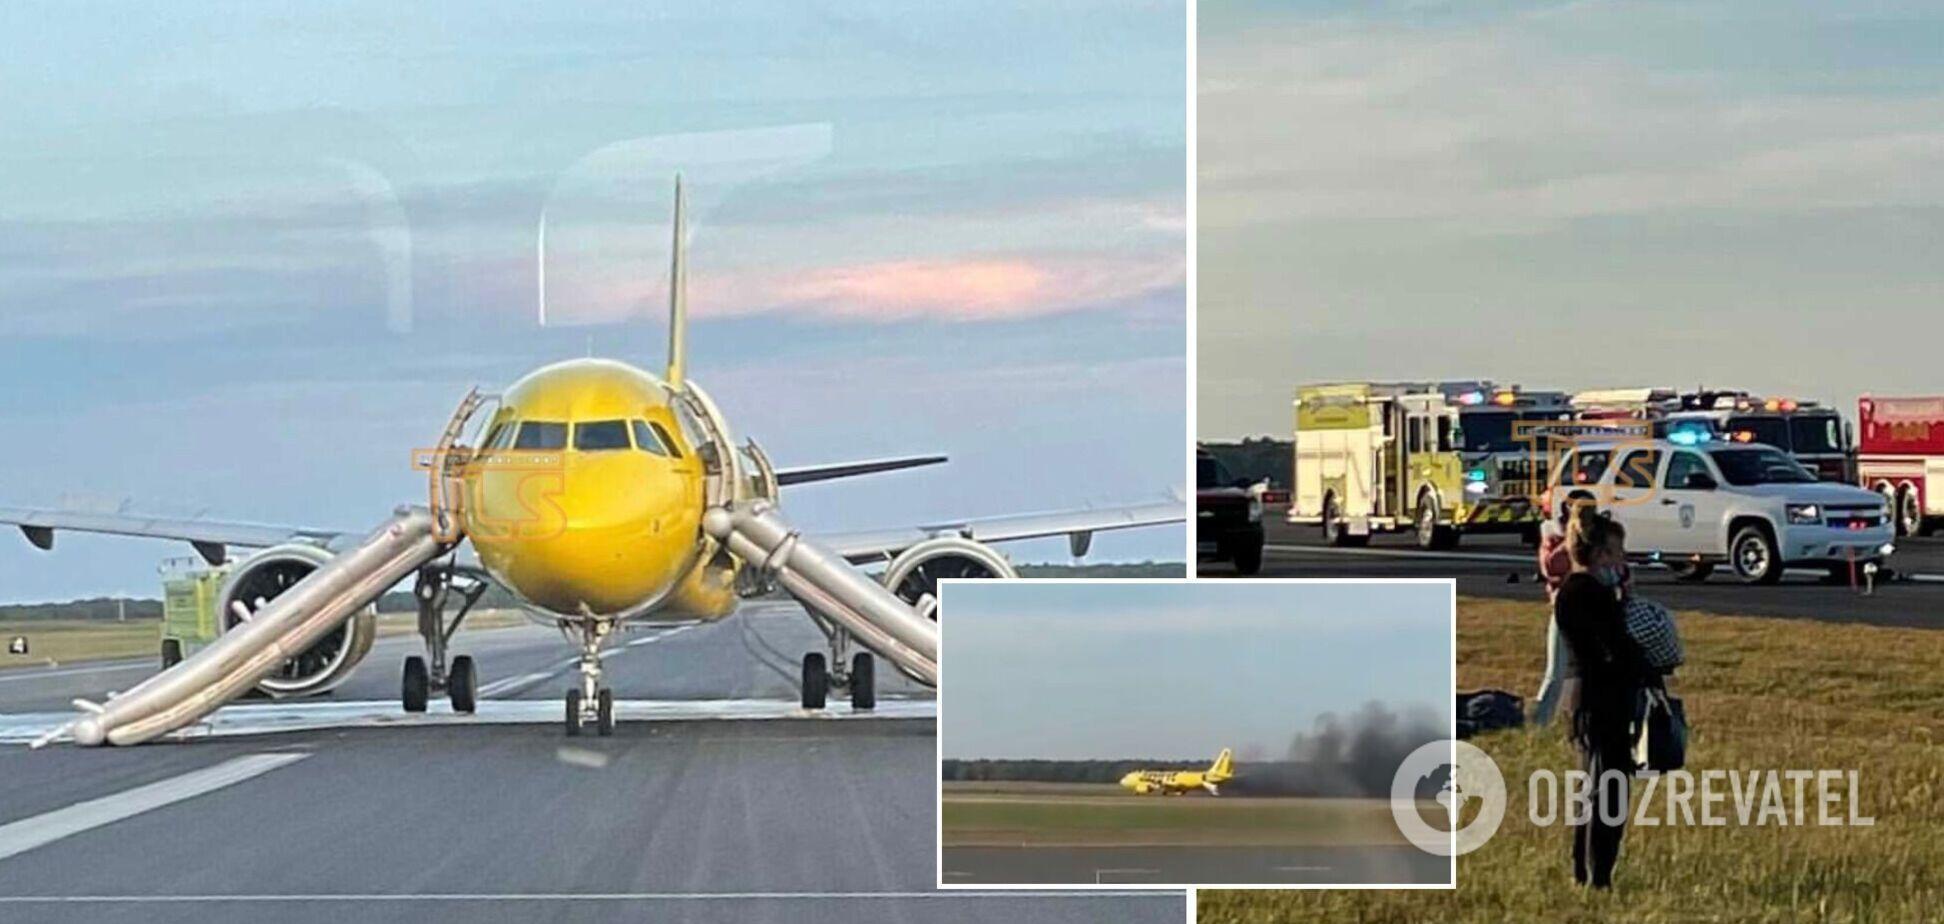 У США під час зльоту загорівся пасажирський літак: з'ясувалися подробиці НП. Відео